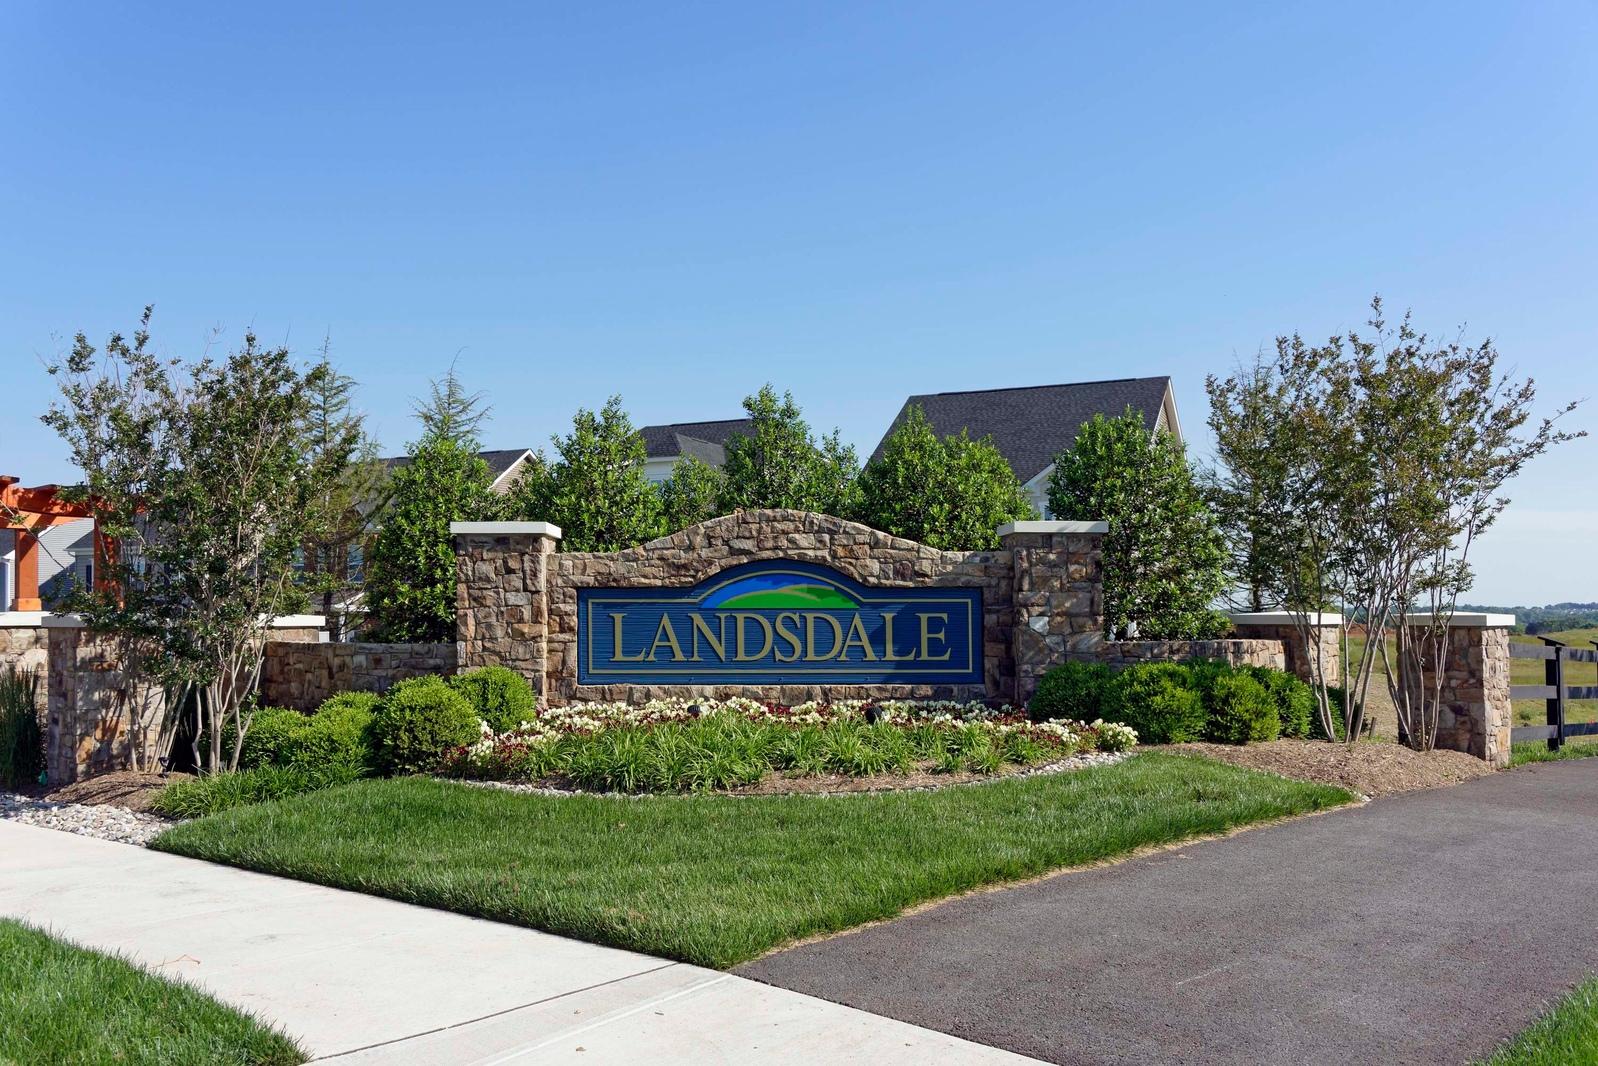 Landsdale